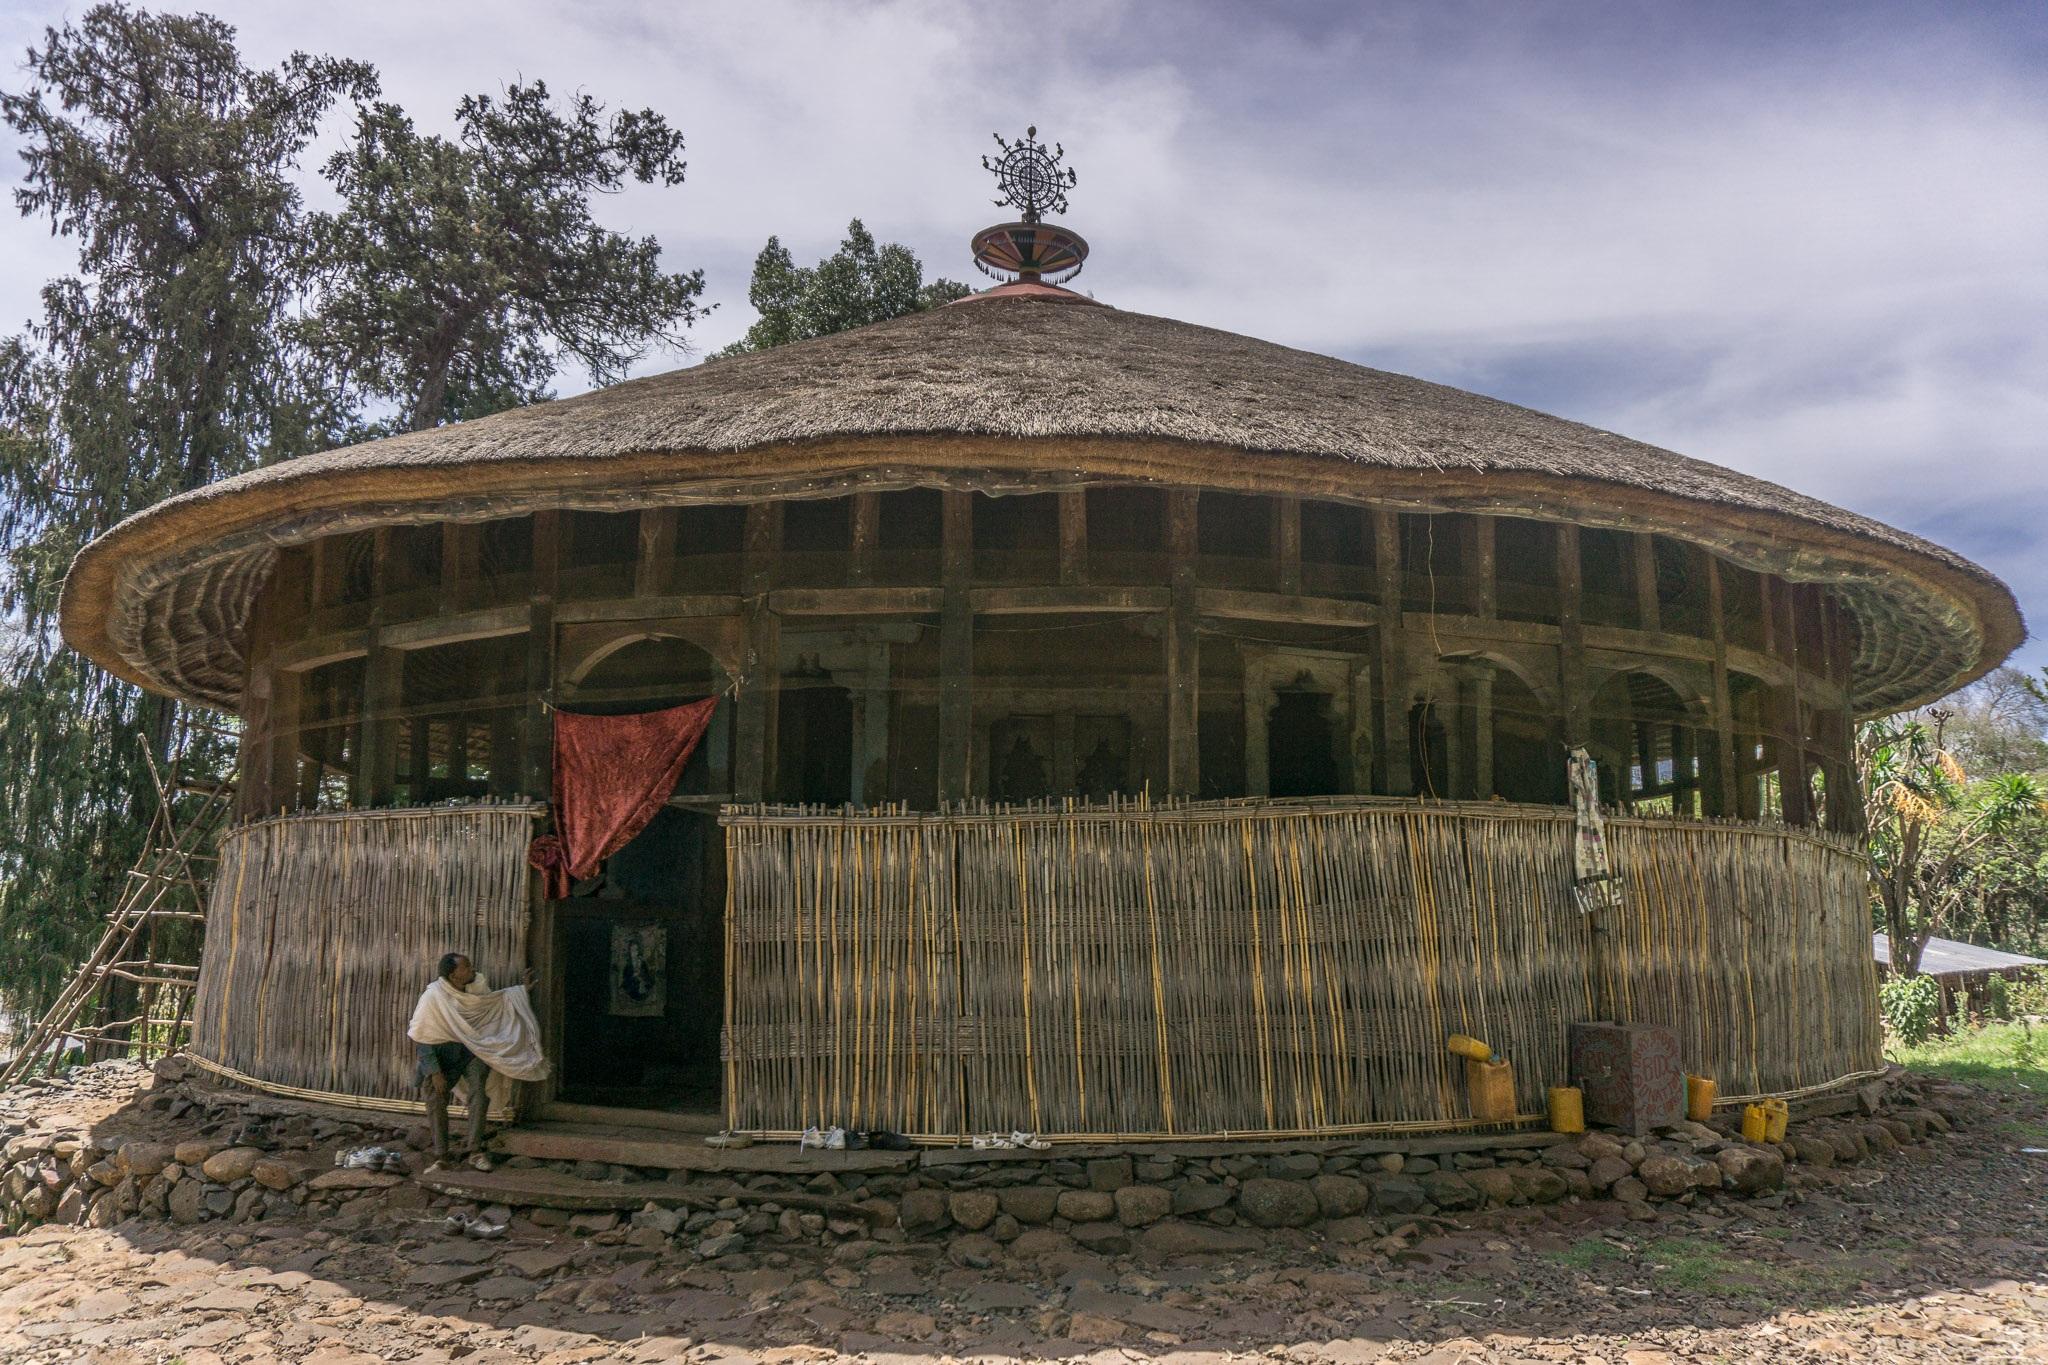 Ethiopia website pics-509.jpg